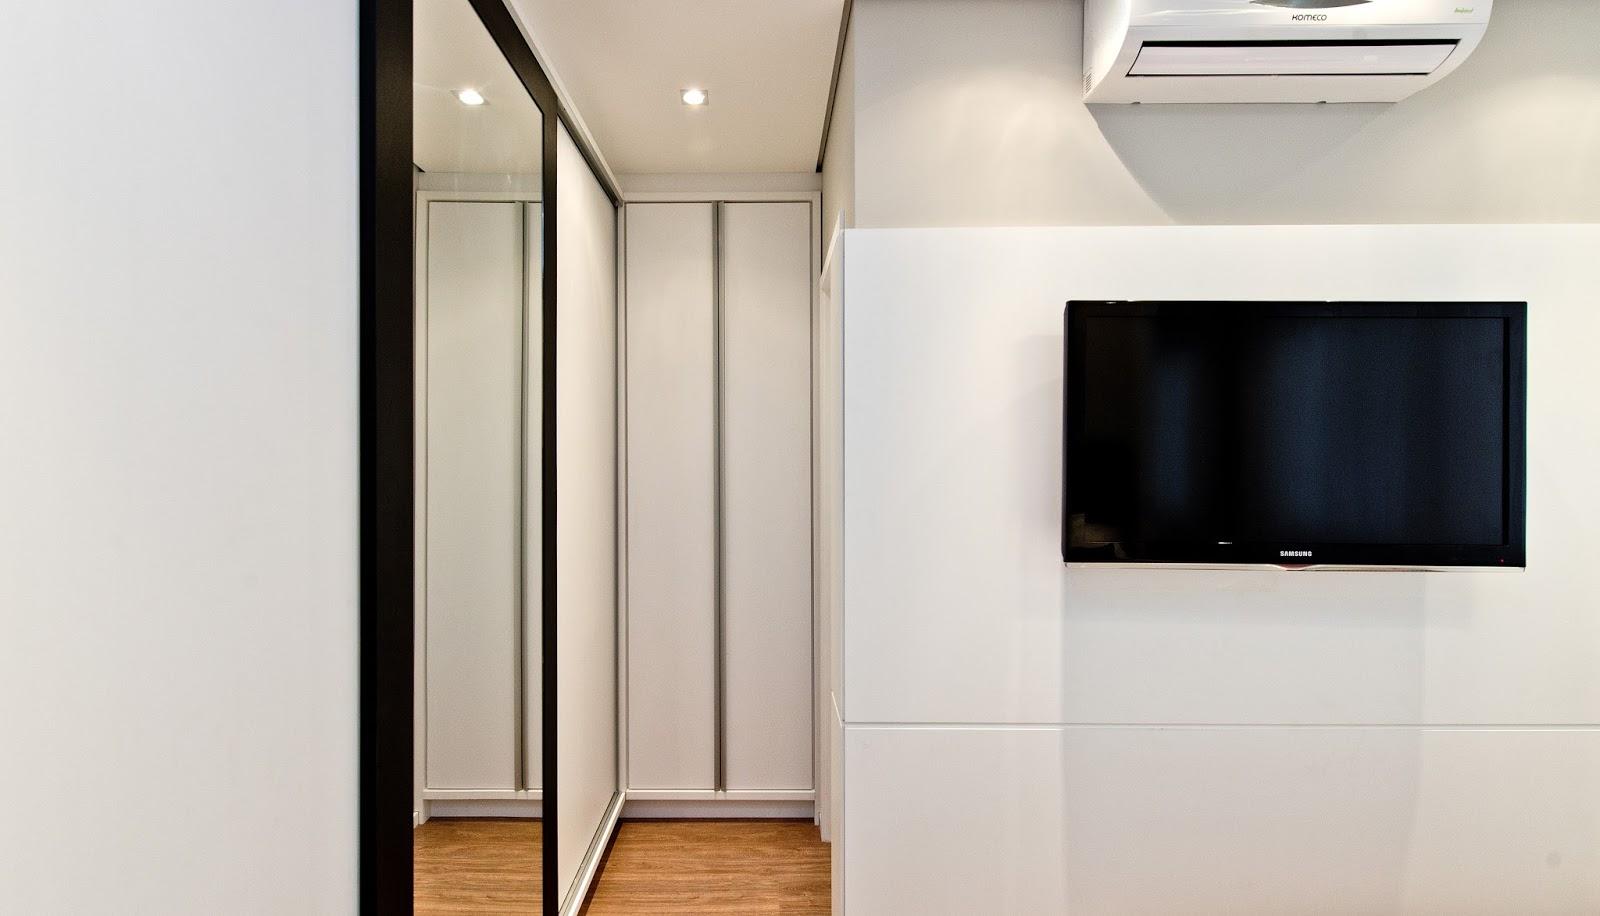 #926239  Amplia Espaços e Transforma Apartamento Compacto em Grande Lar 1600x916 px projeto banheiro compacto